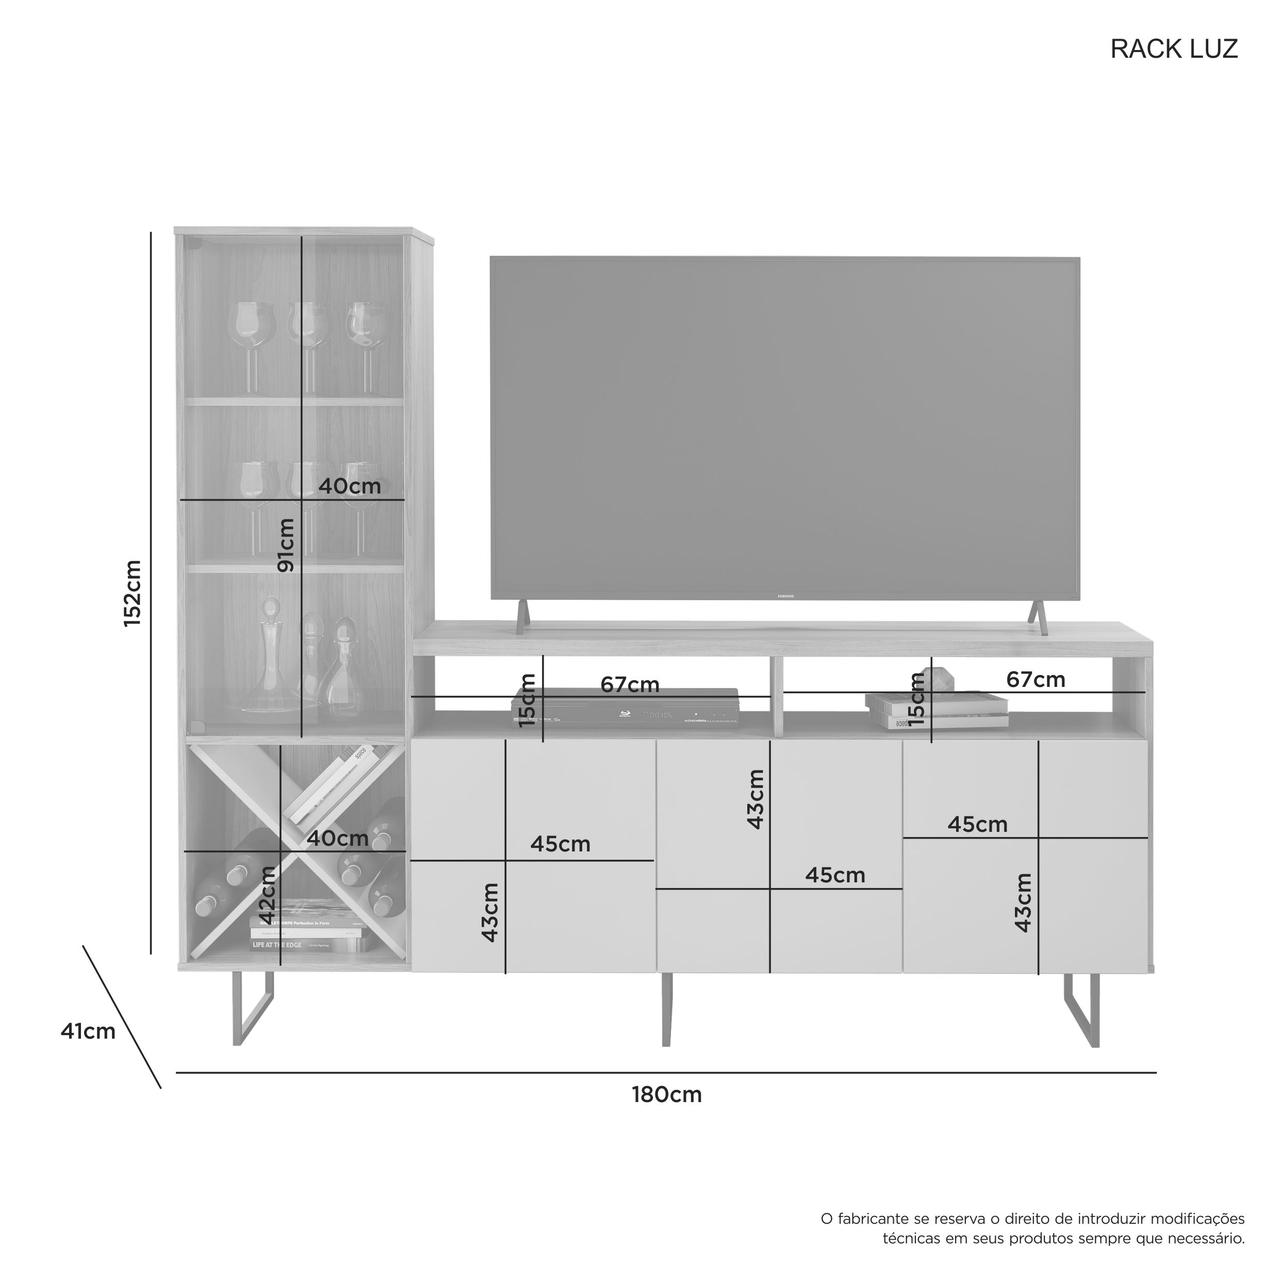 Rack para TV de Até 56 Polegadas 3 Portas 6 Nichos com Cristaleira 2 Prateleiras Luz  JCM Móveis